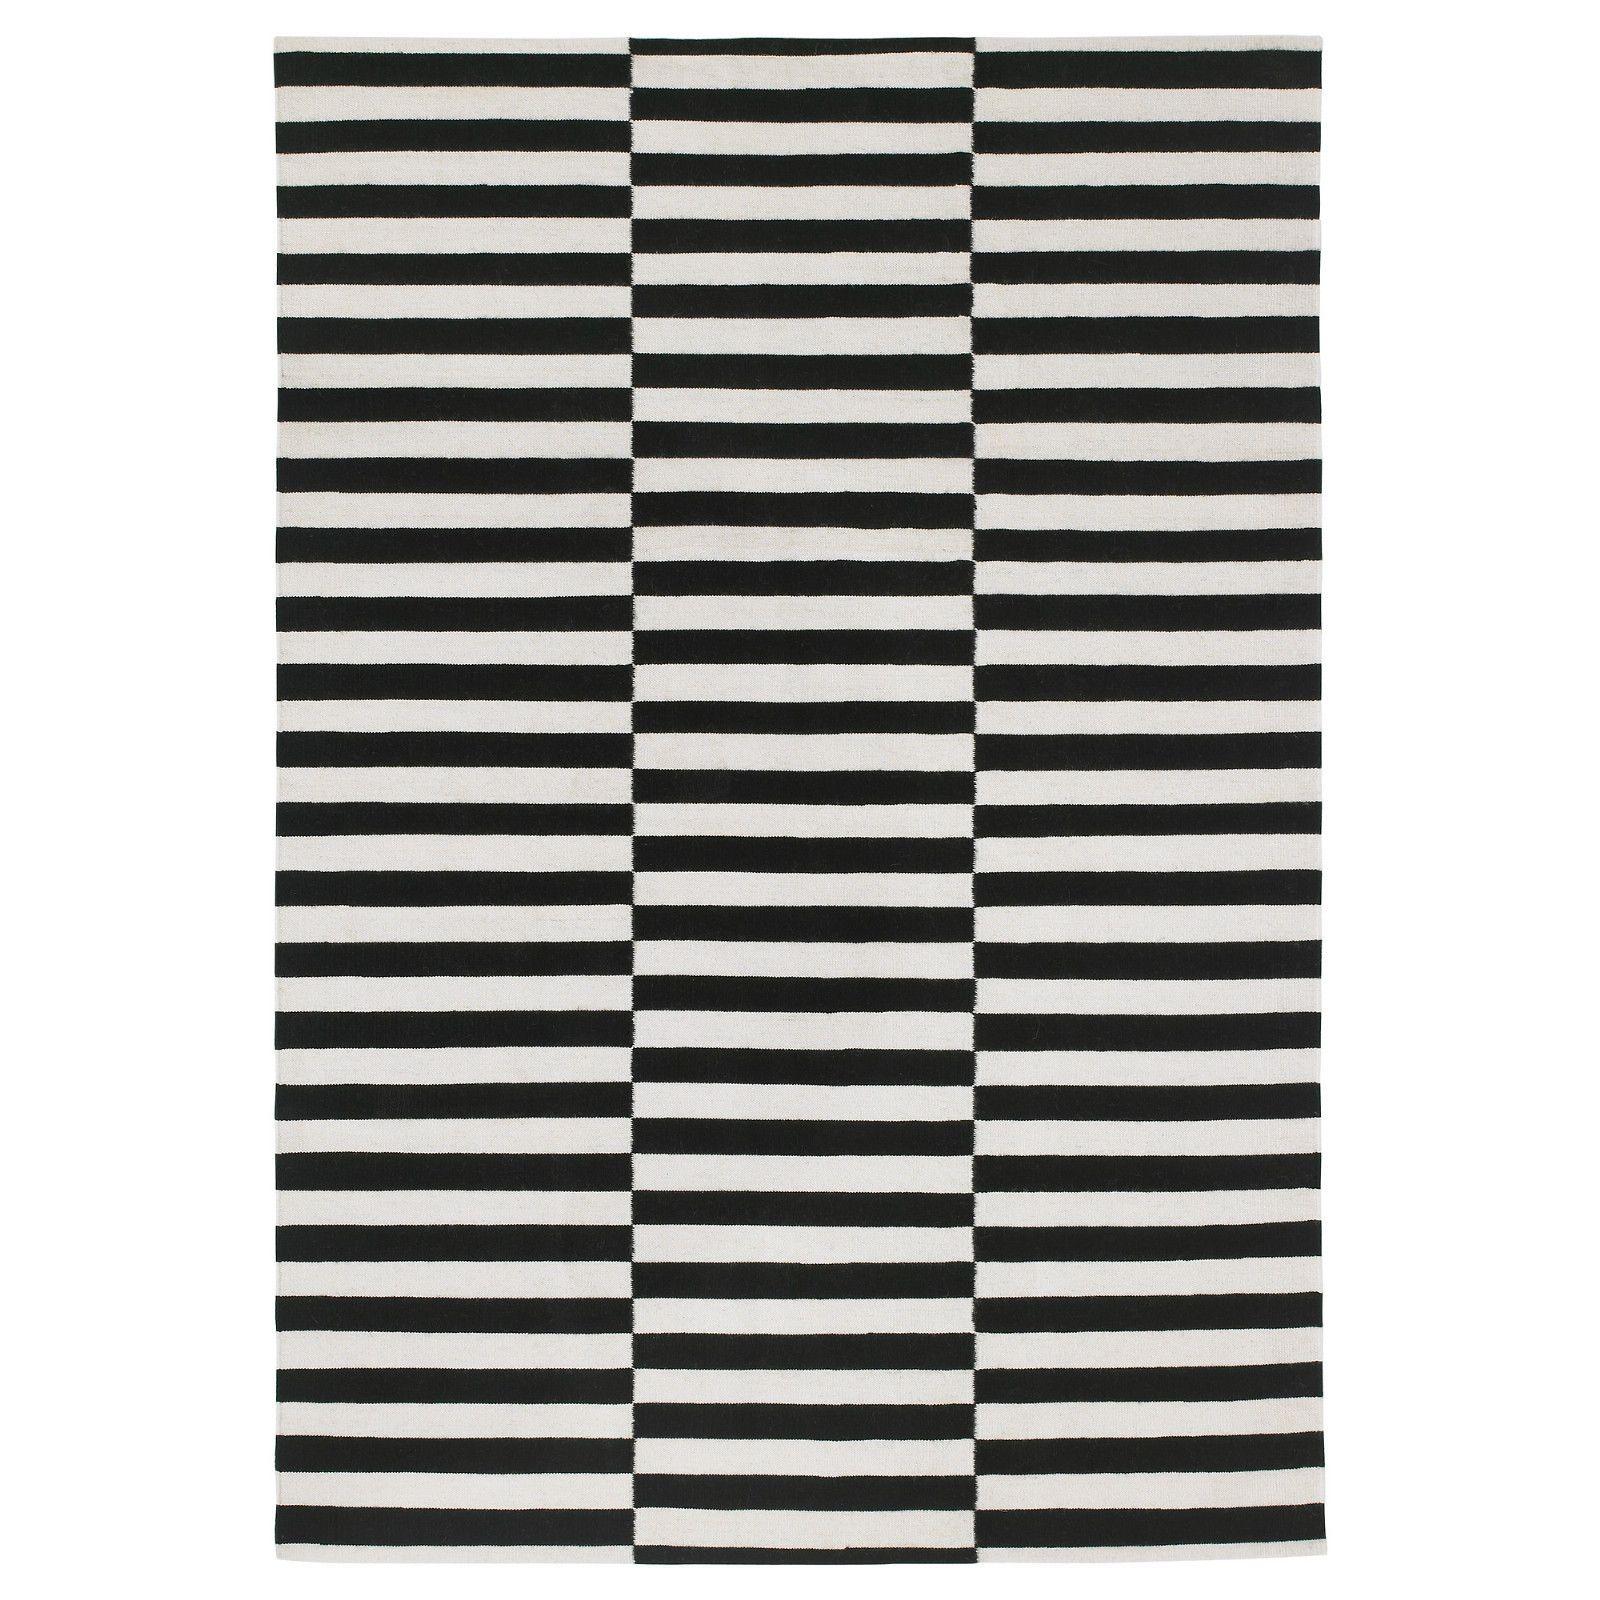 Stockholm Rug Flatwoven Black Stripe Handmade Off White